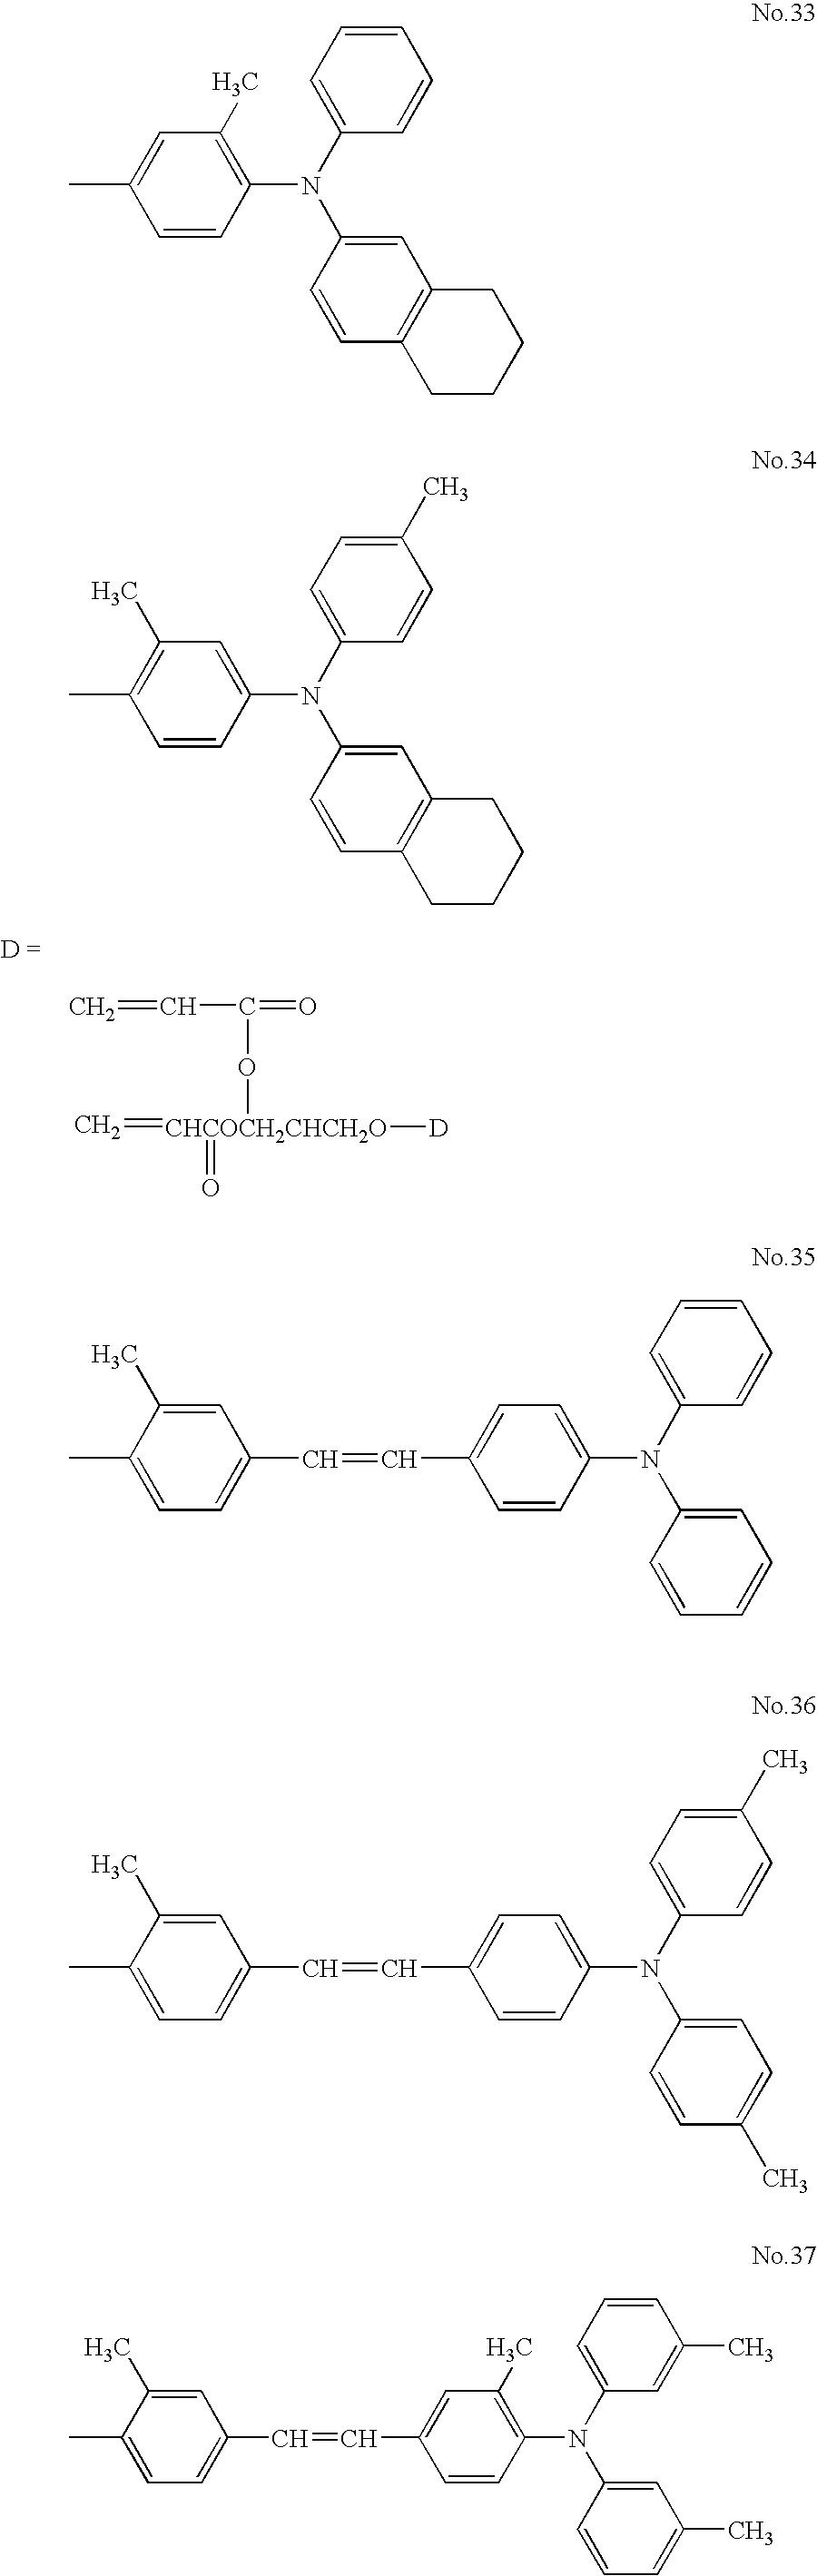 Figure US07629094-20091208-C00023